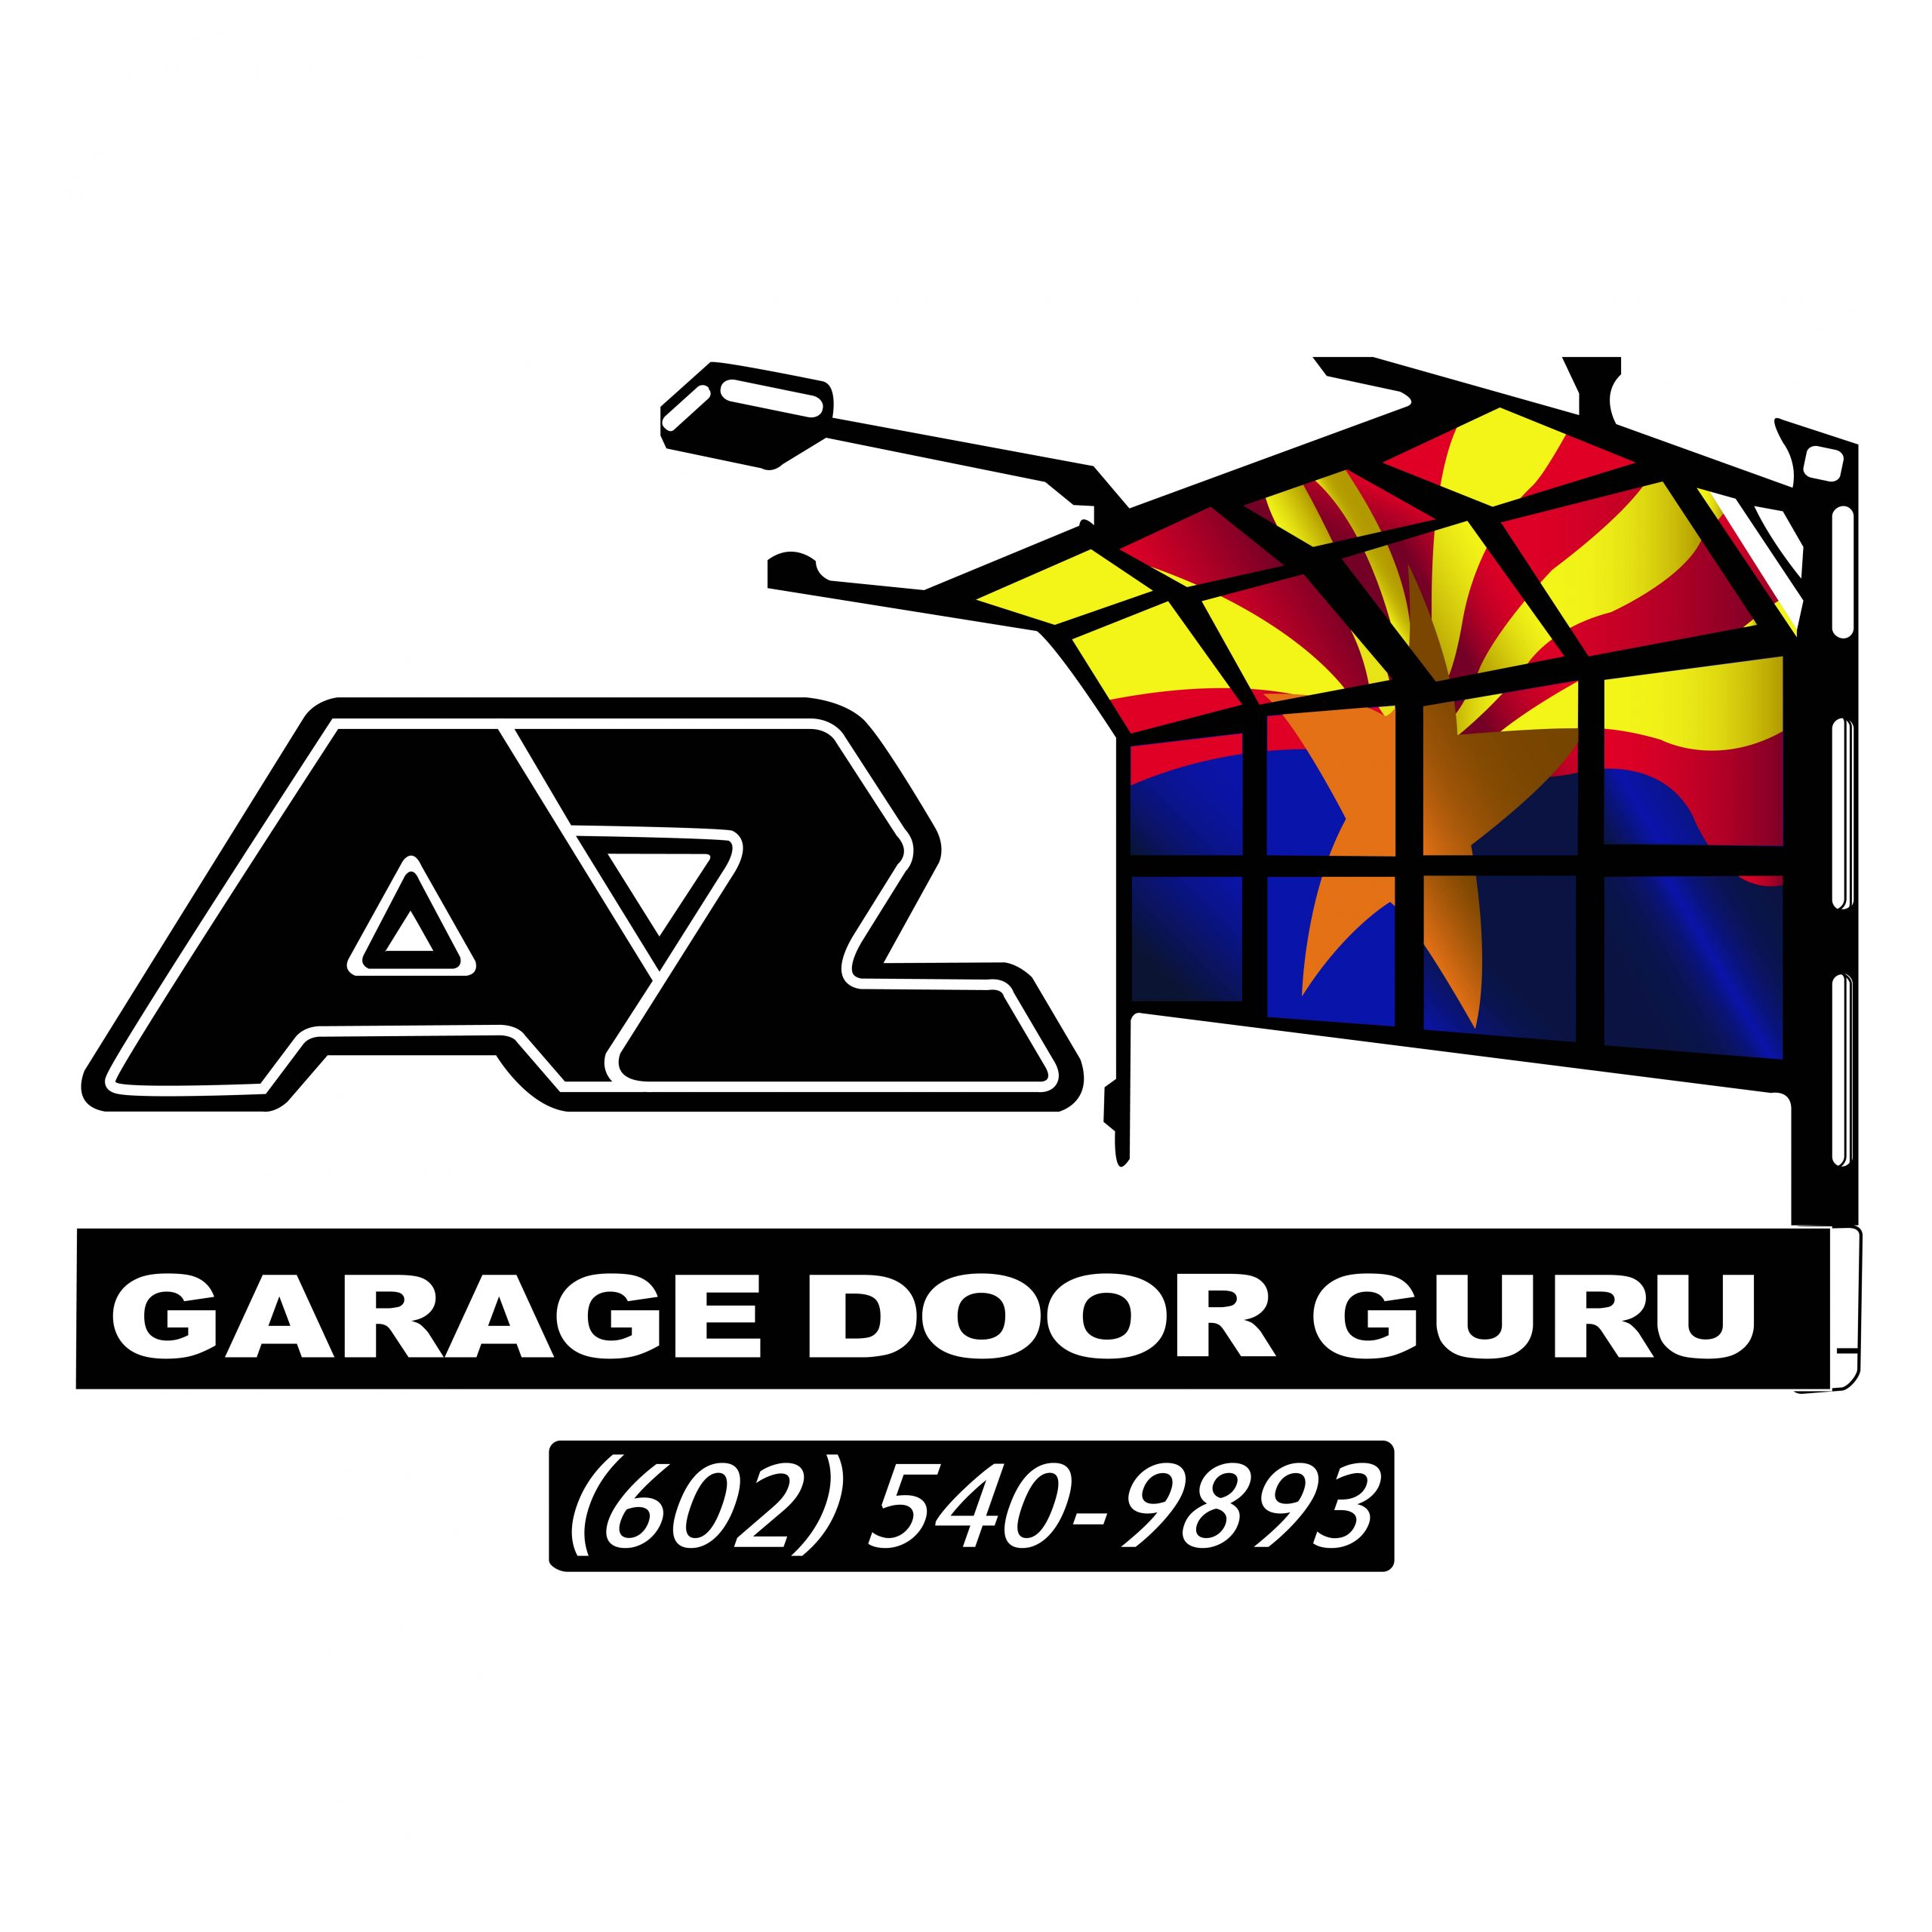 Garage Door Service in Phoenix Provides 24 Hour Emergency Service 1